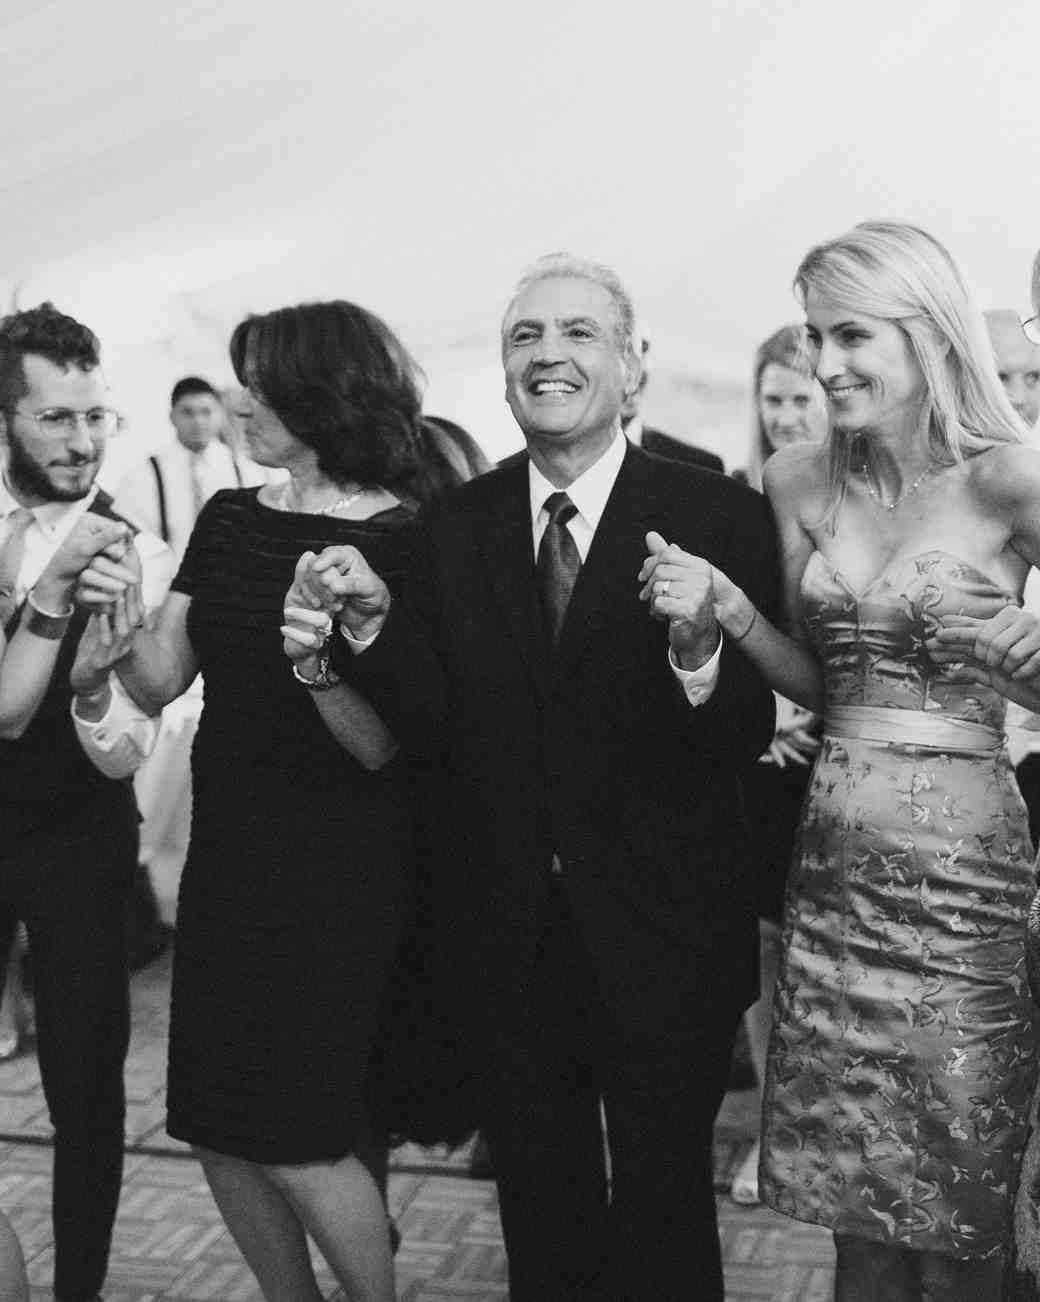 rosie-constantine-wedding-dancing-583-s112177-1015.jpg